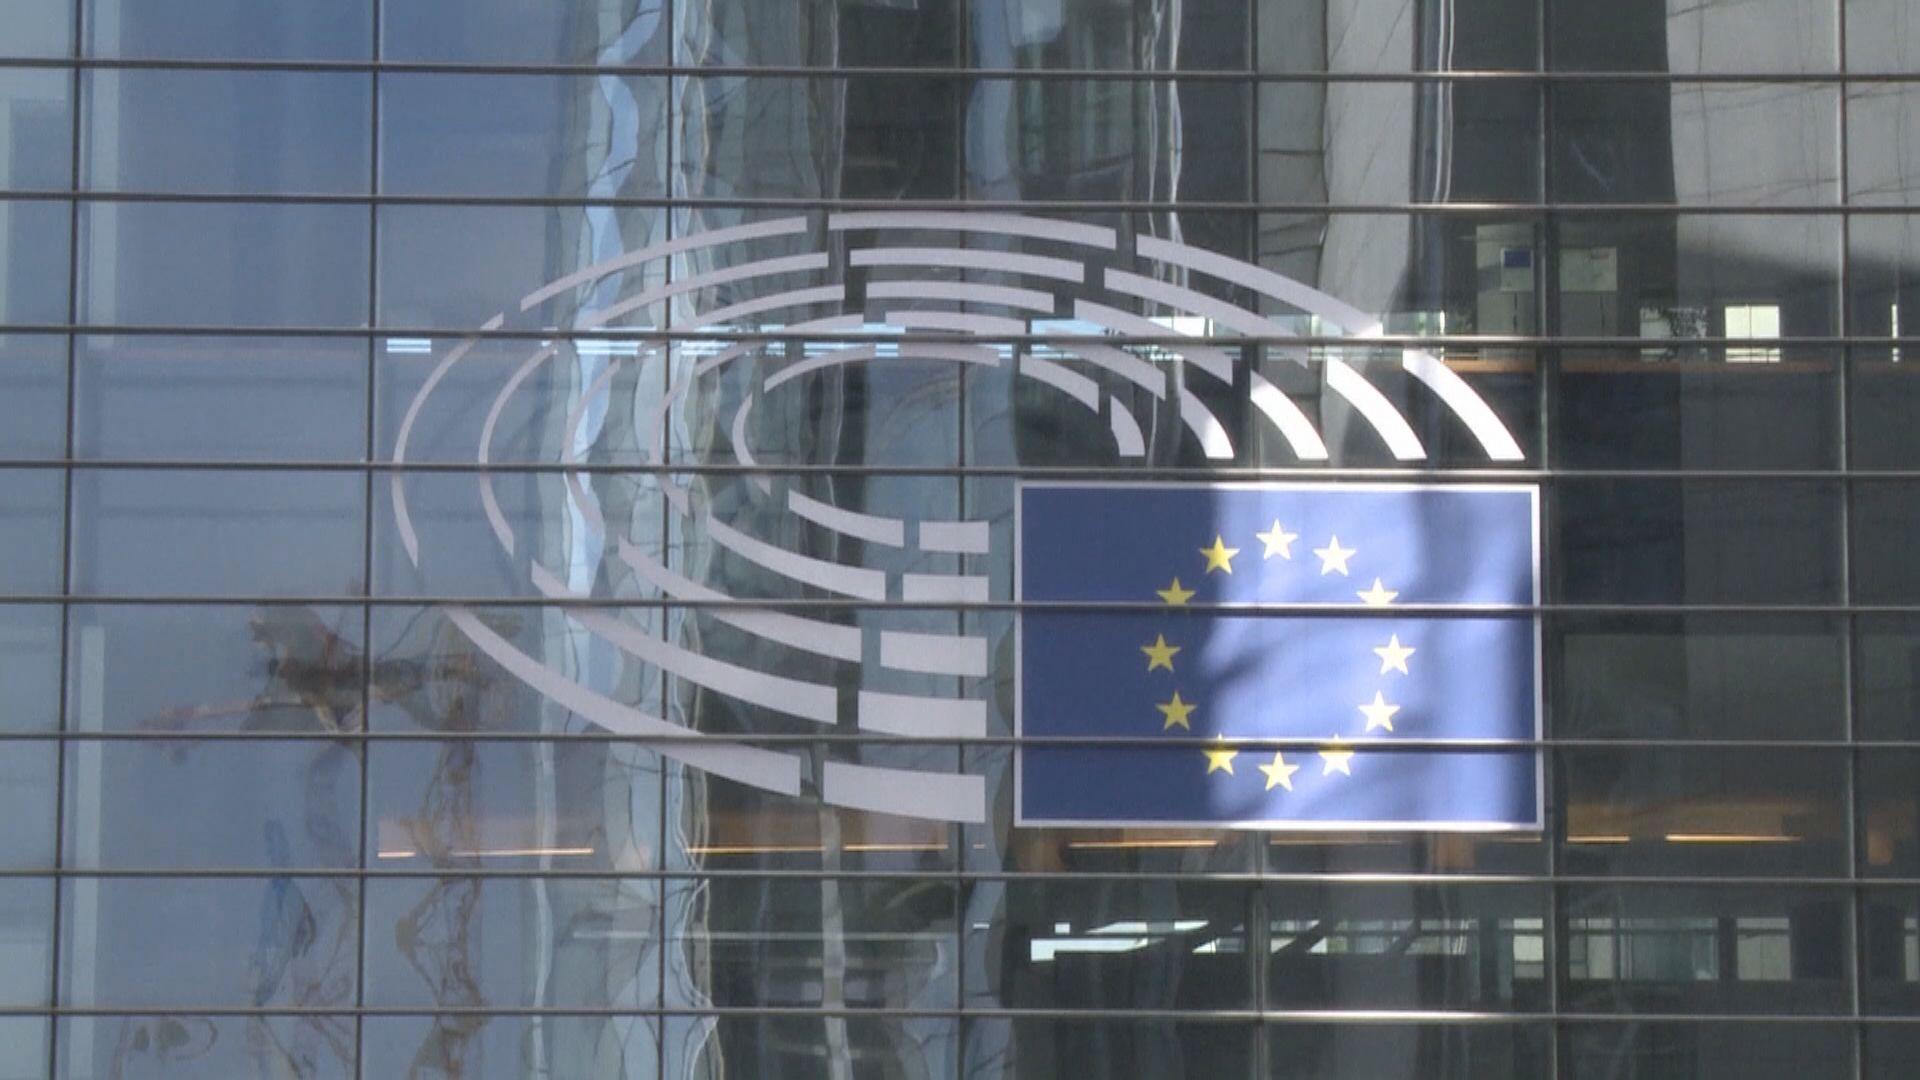 歐盟選新領導層   凸顯內部分歧